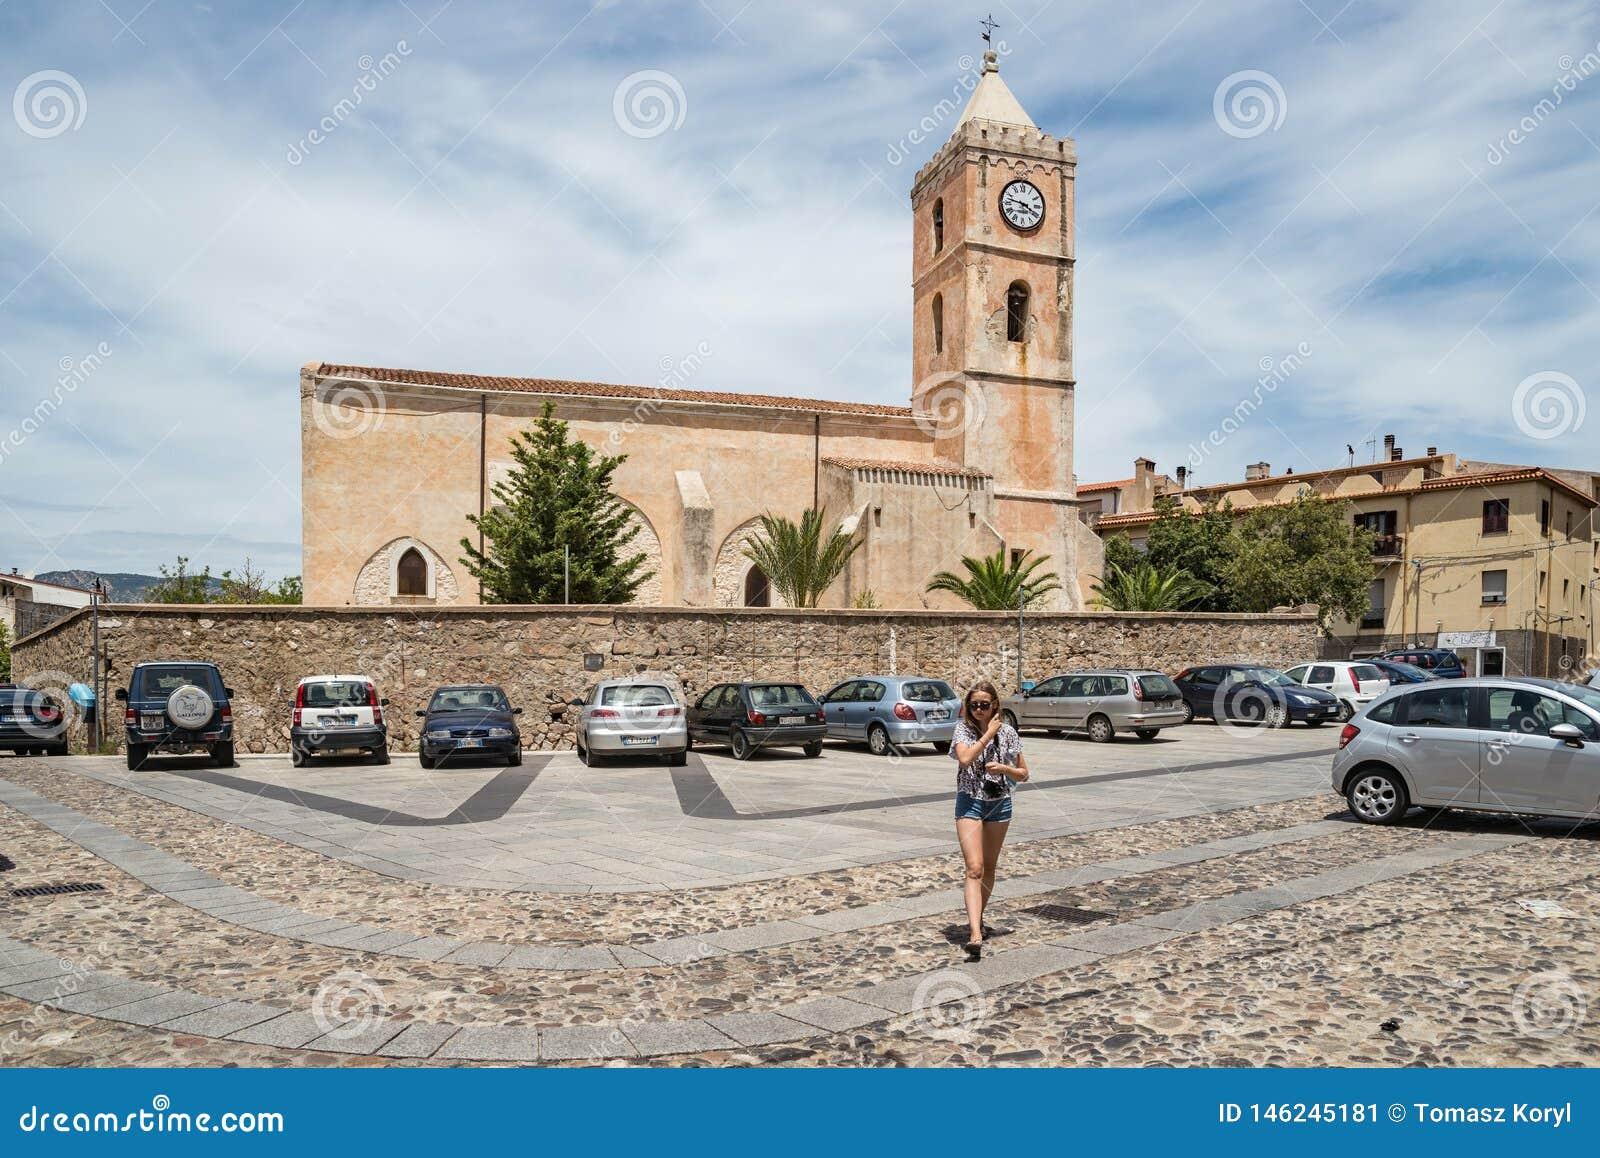 Chiesa Santa Maria Maggiore Church in Oliena, Piazza S Maria, Sardinige, Italië